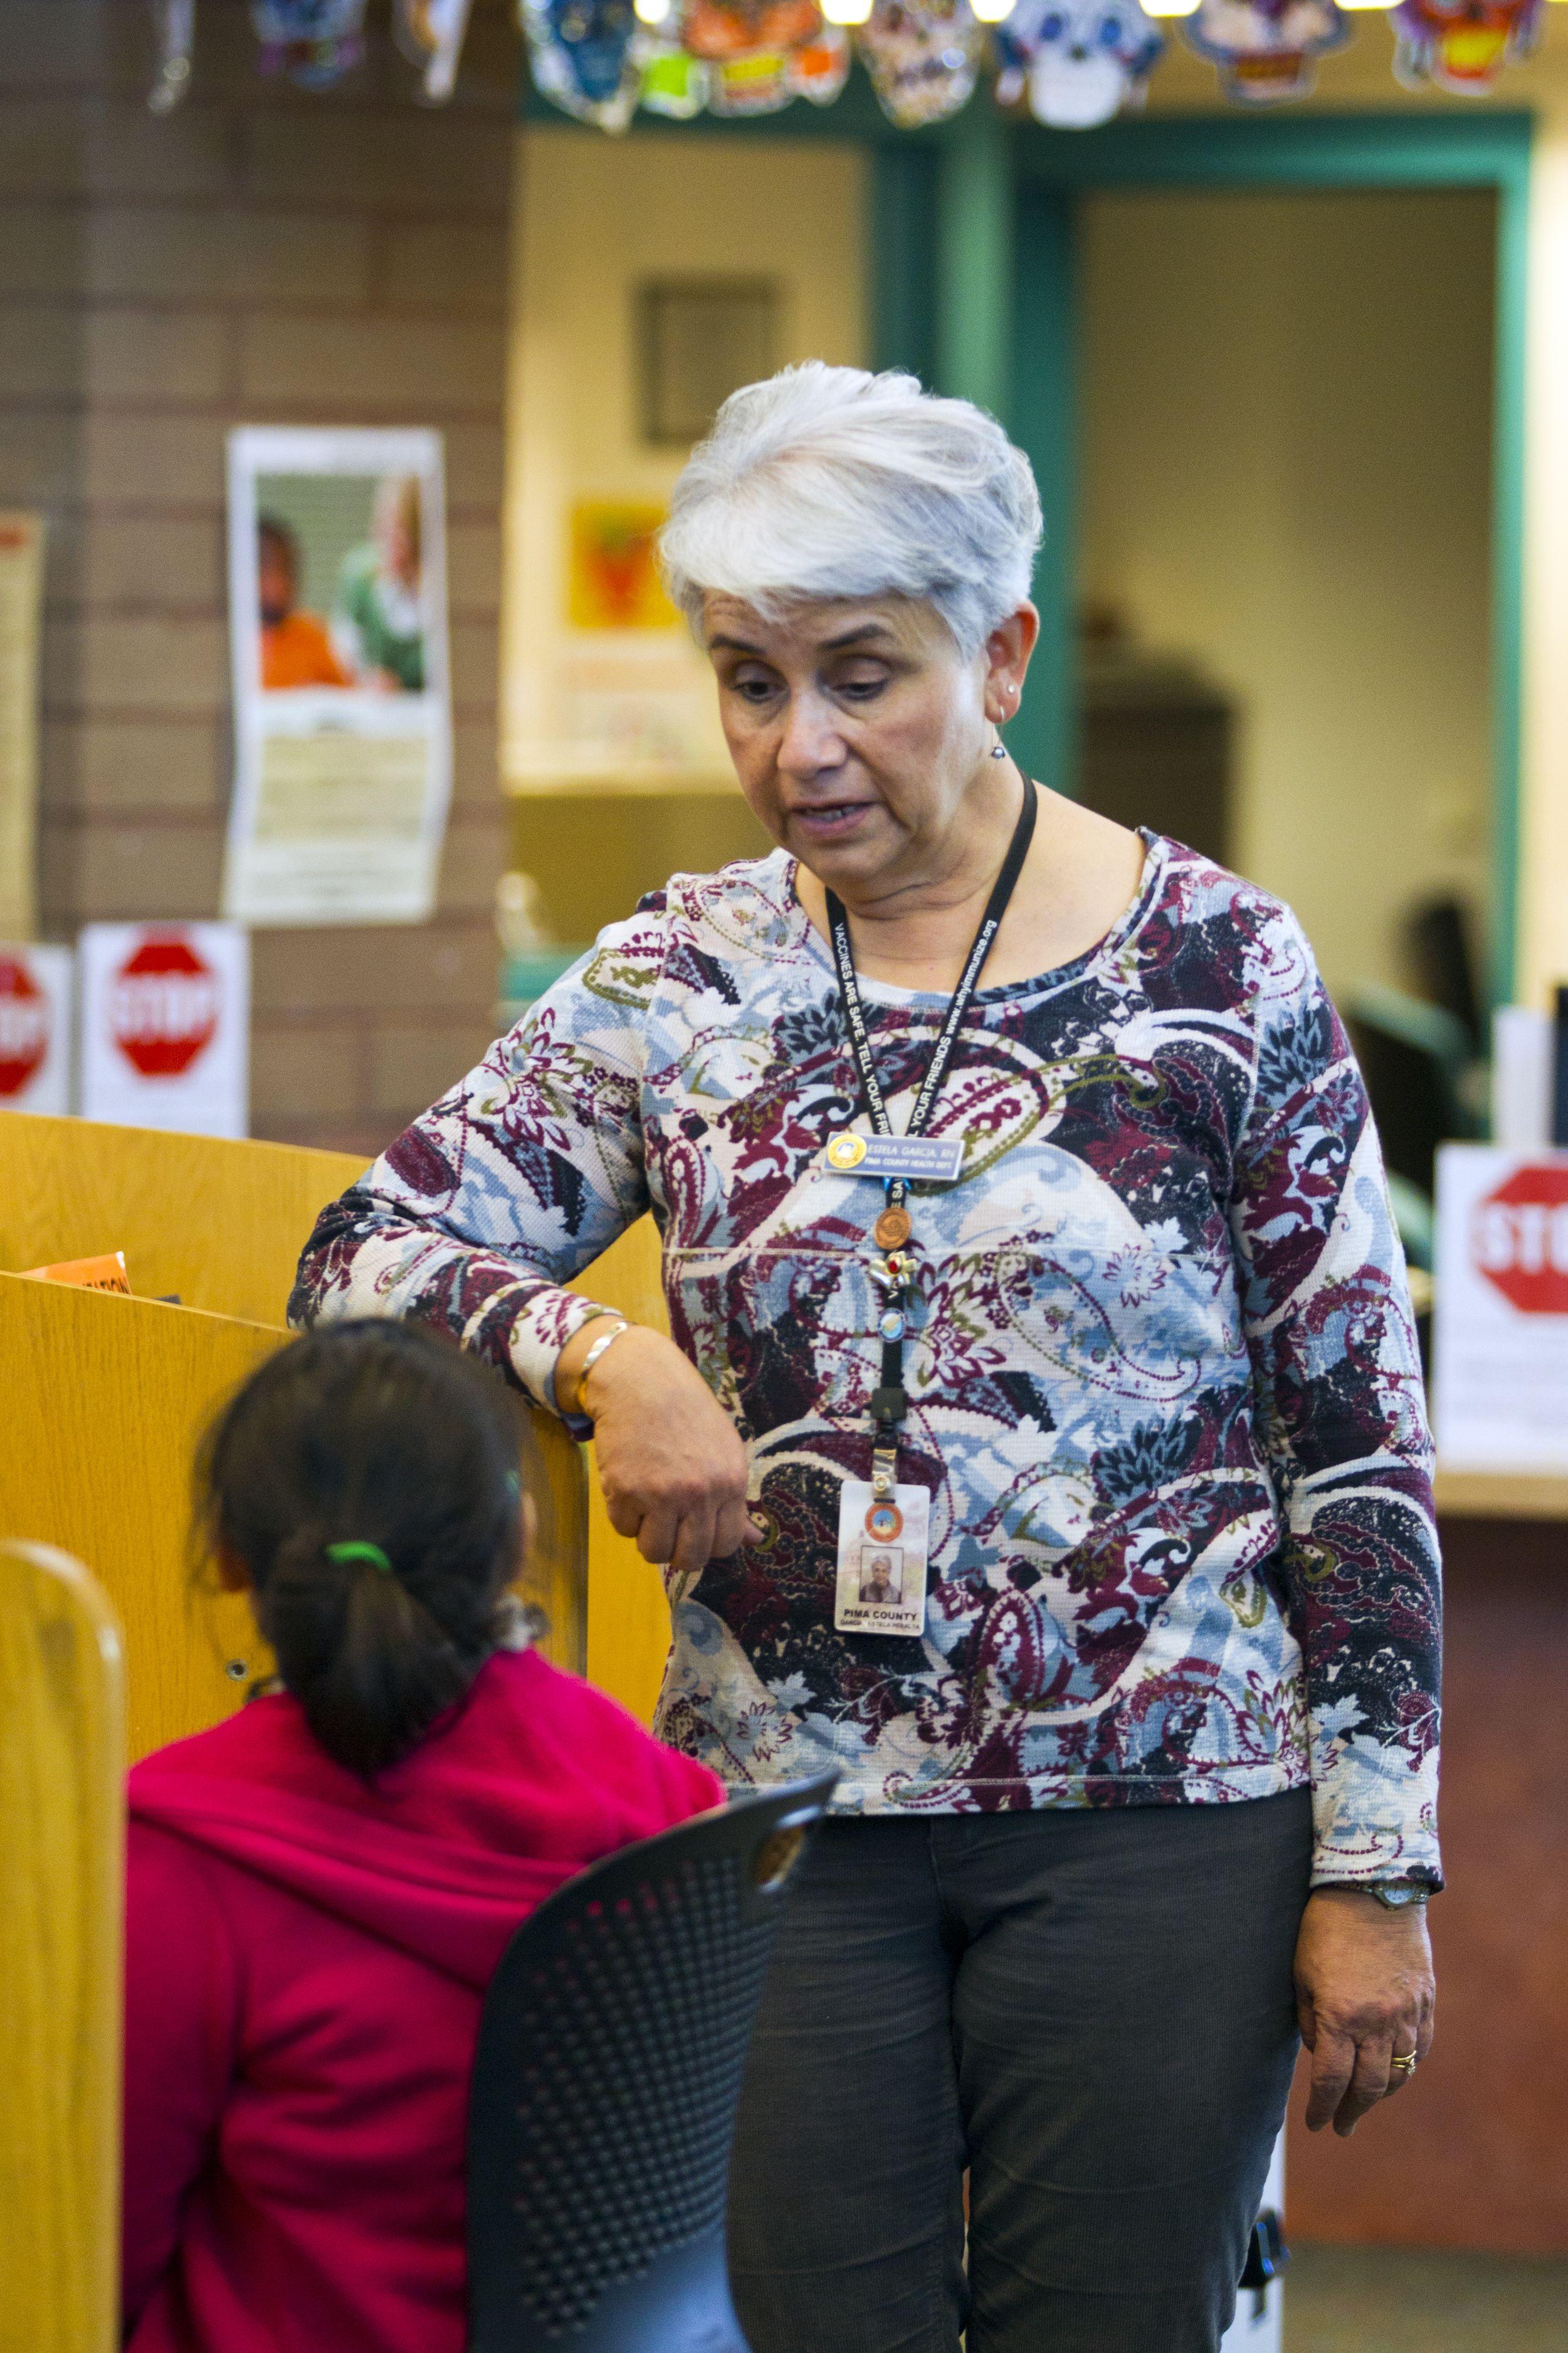 Pima County Public Library Nurse Estela Garcia talks with